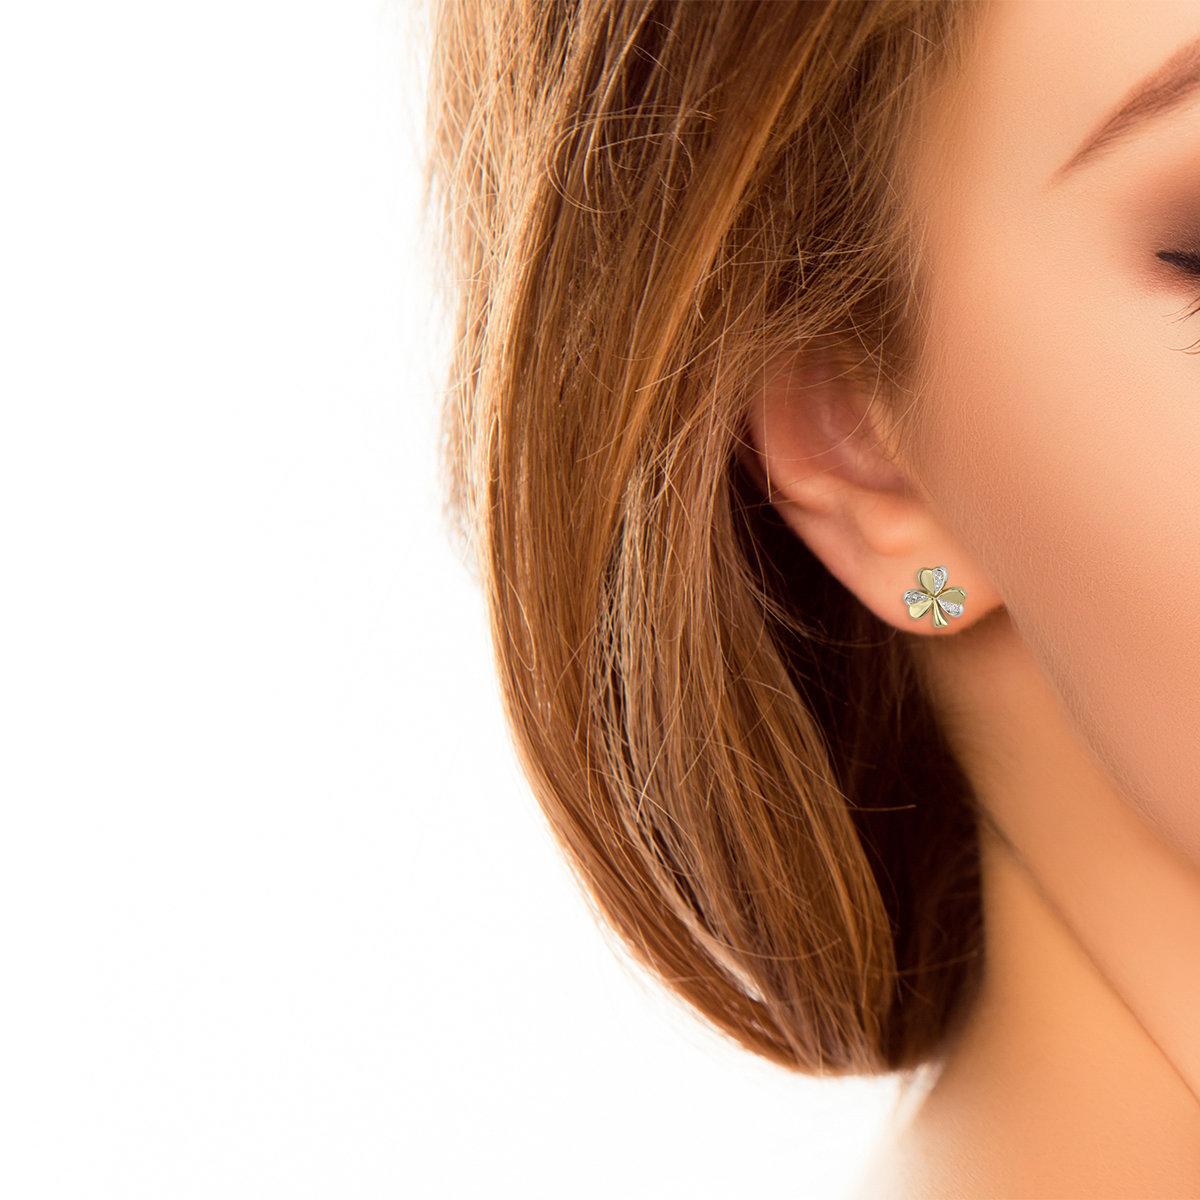 14 karat two tone diamond shamrock stud earrings S3124 presented on a model